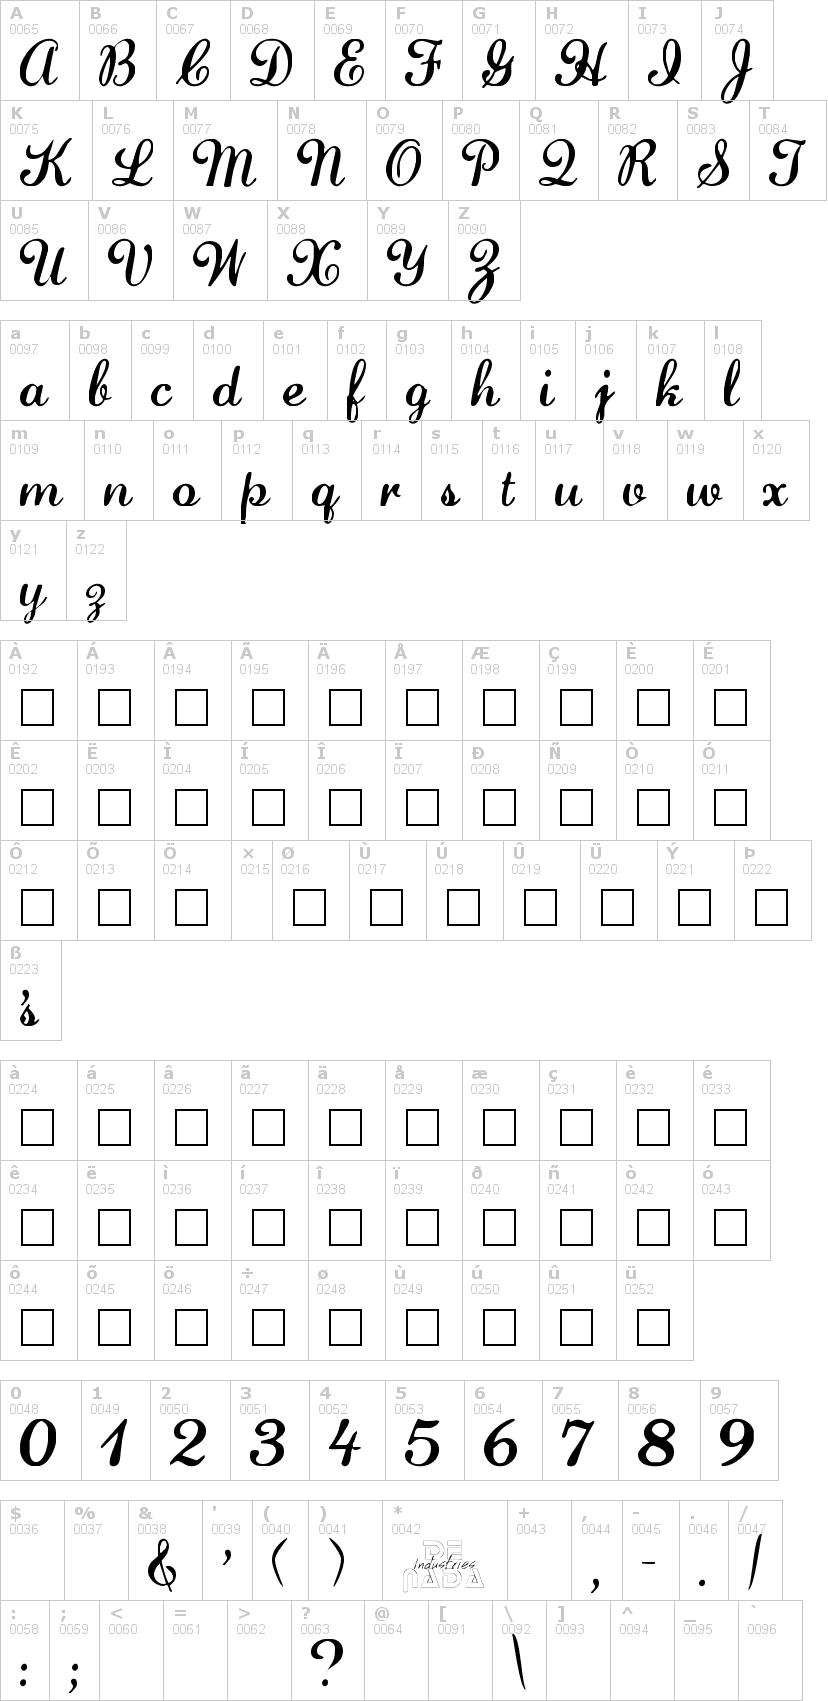 Lettere dell'alfabeto del font lauren-script con le quali è possibile realizzare adesivi prespaziati